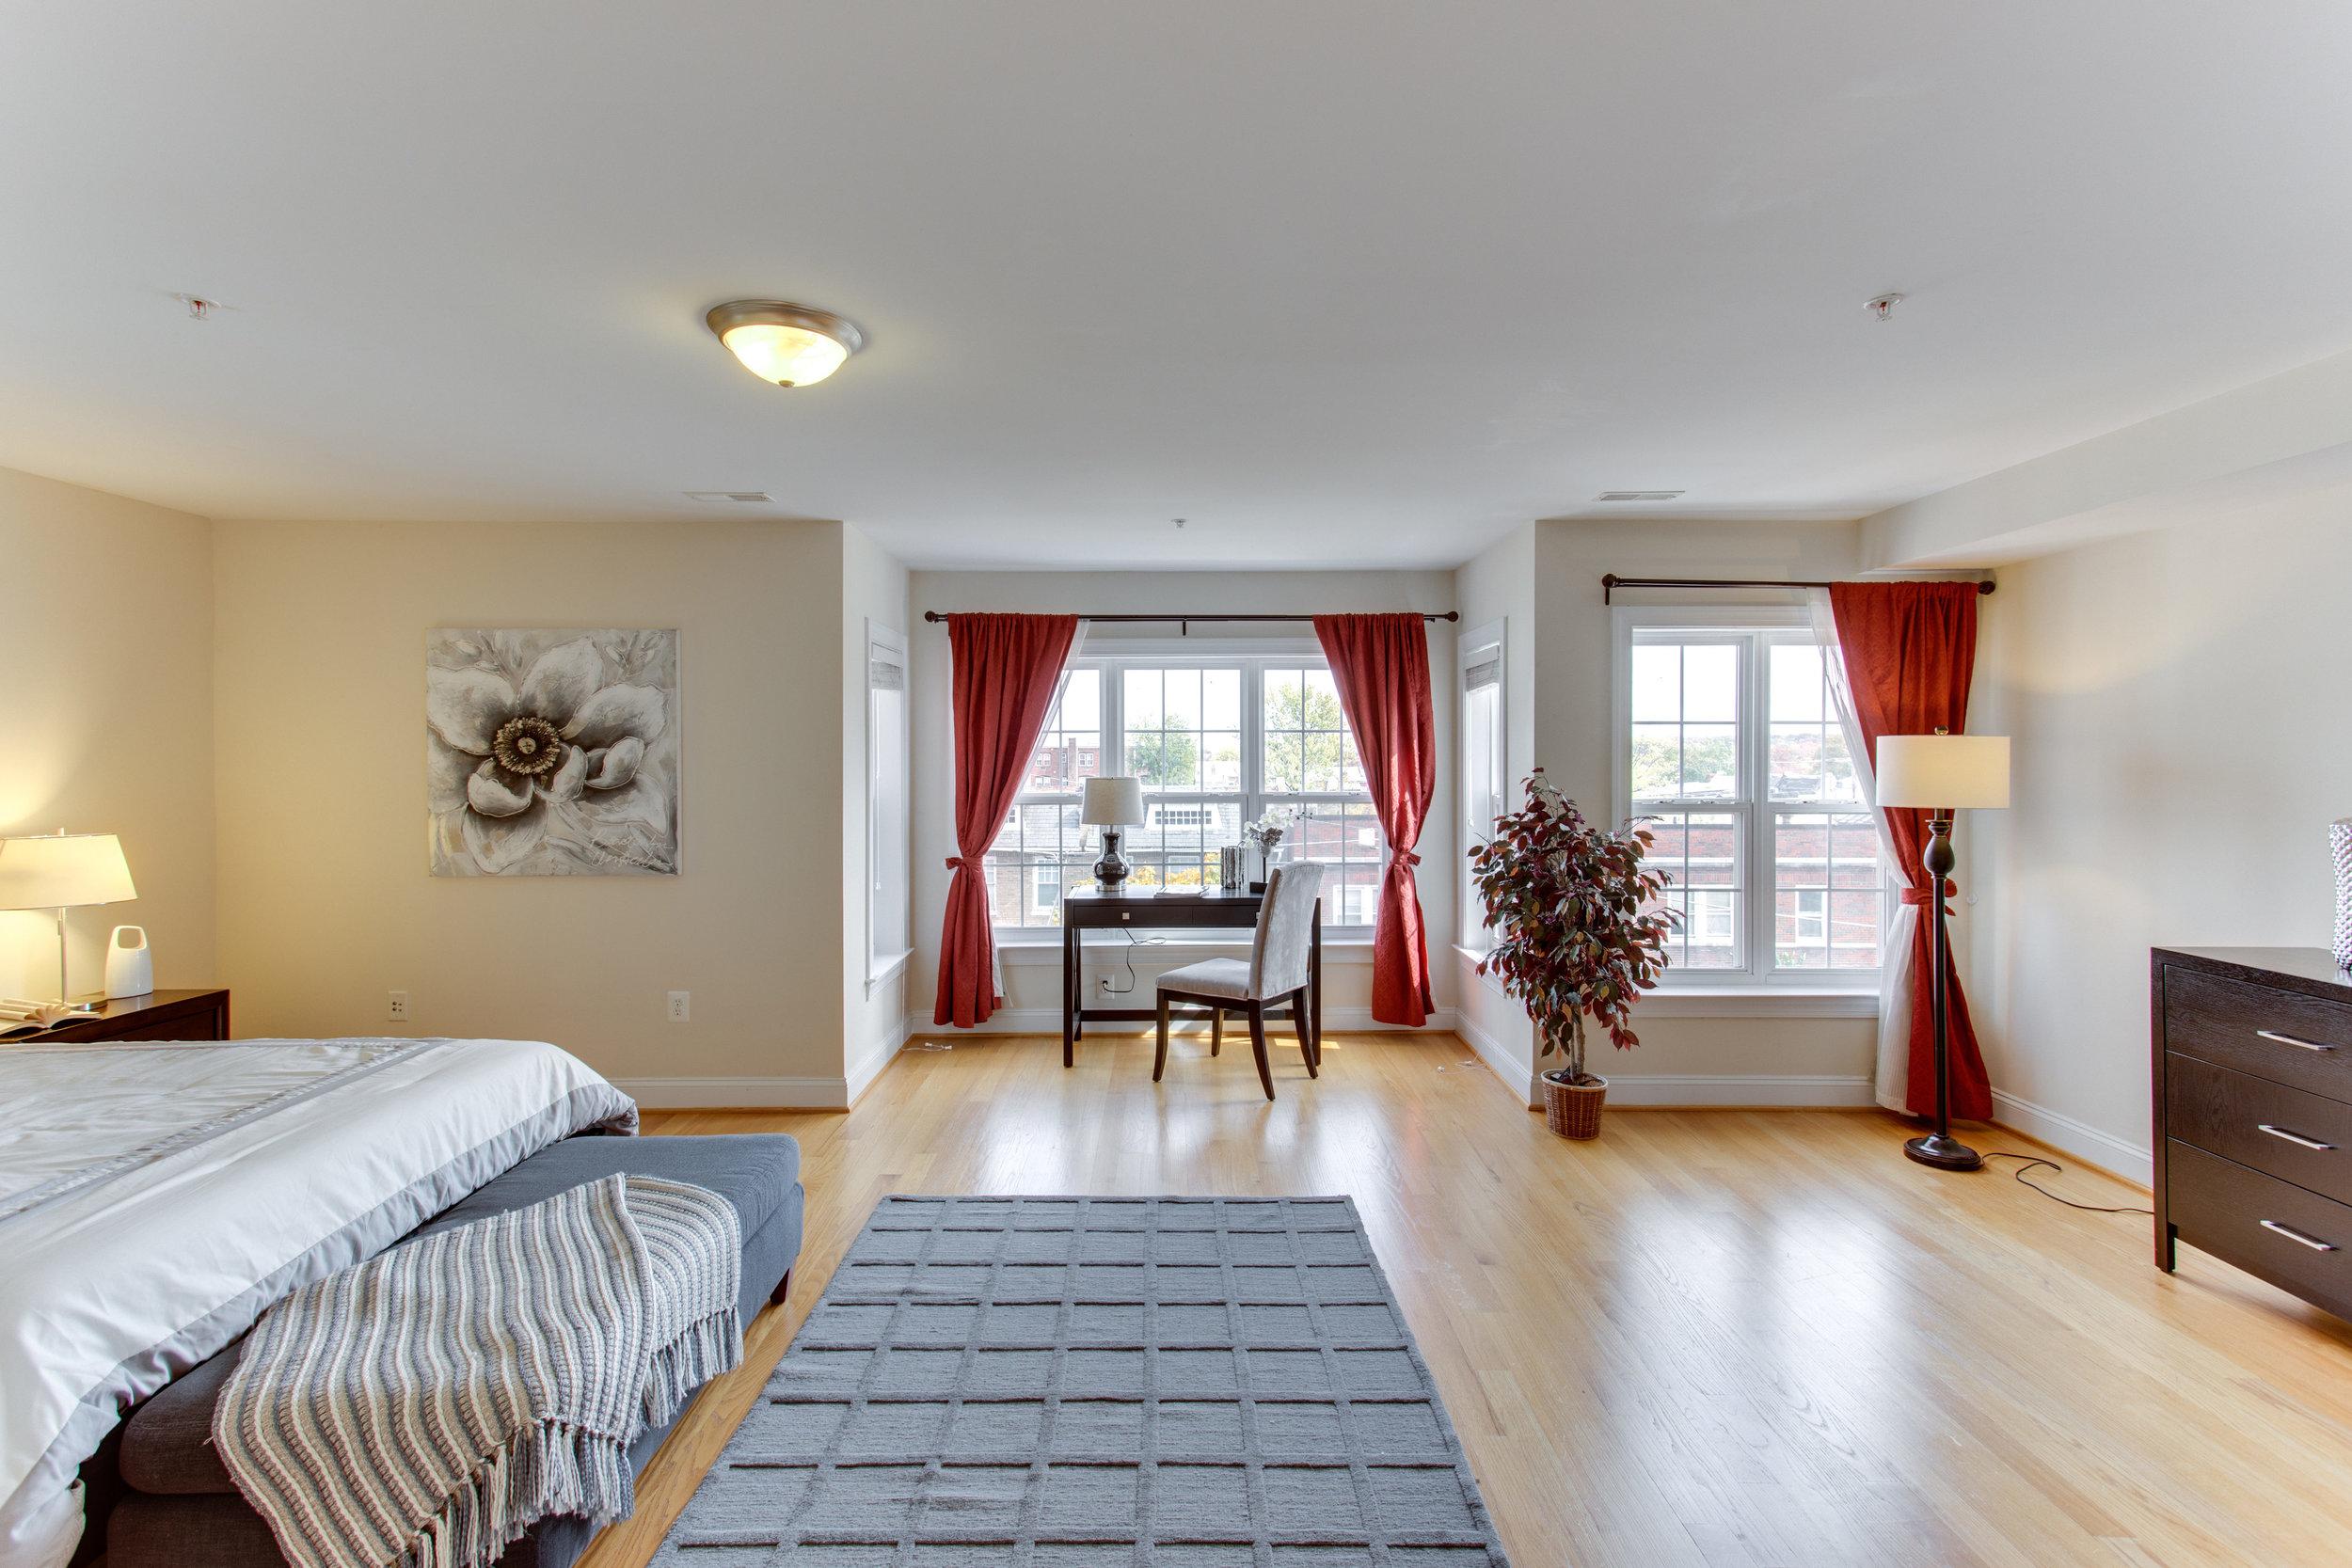 5522 9th St NW Unit 1-print-037-43-Master Bedroom-4200x2800-300dpi.jpg